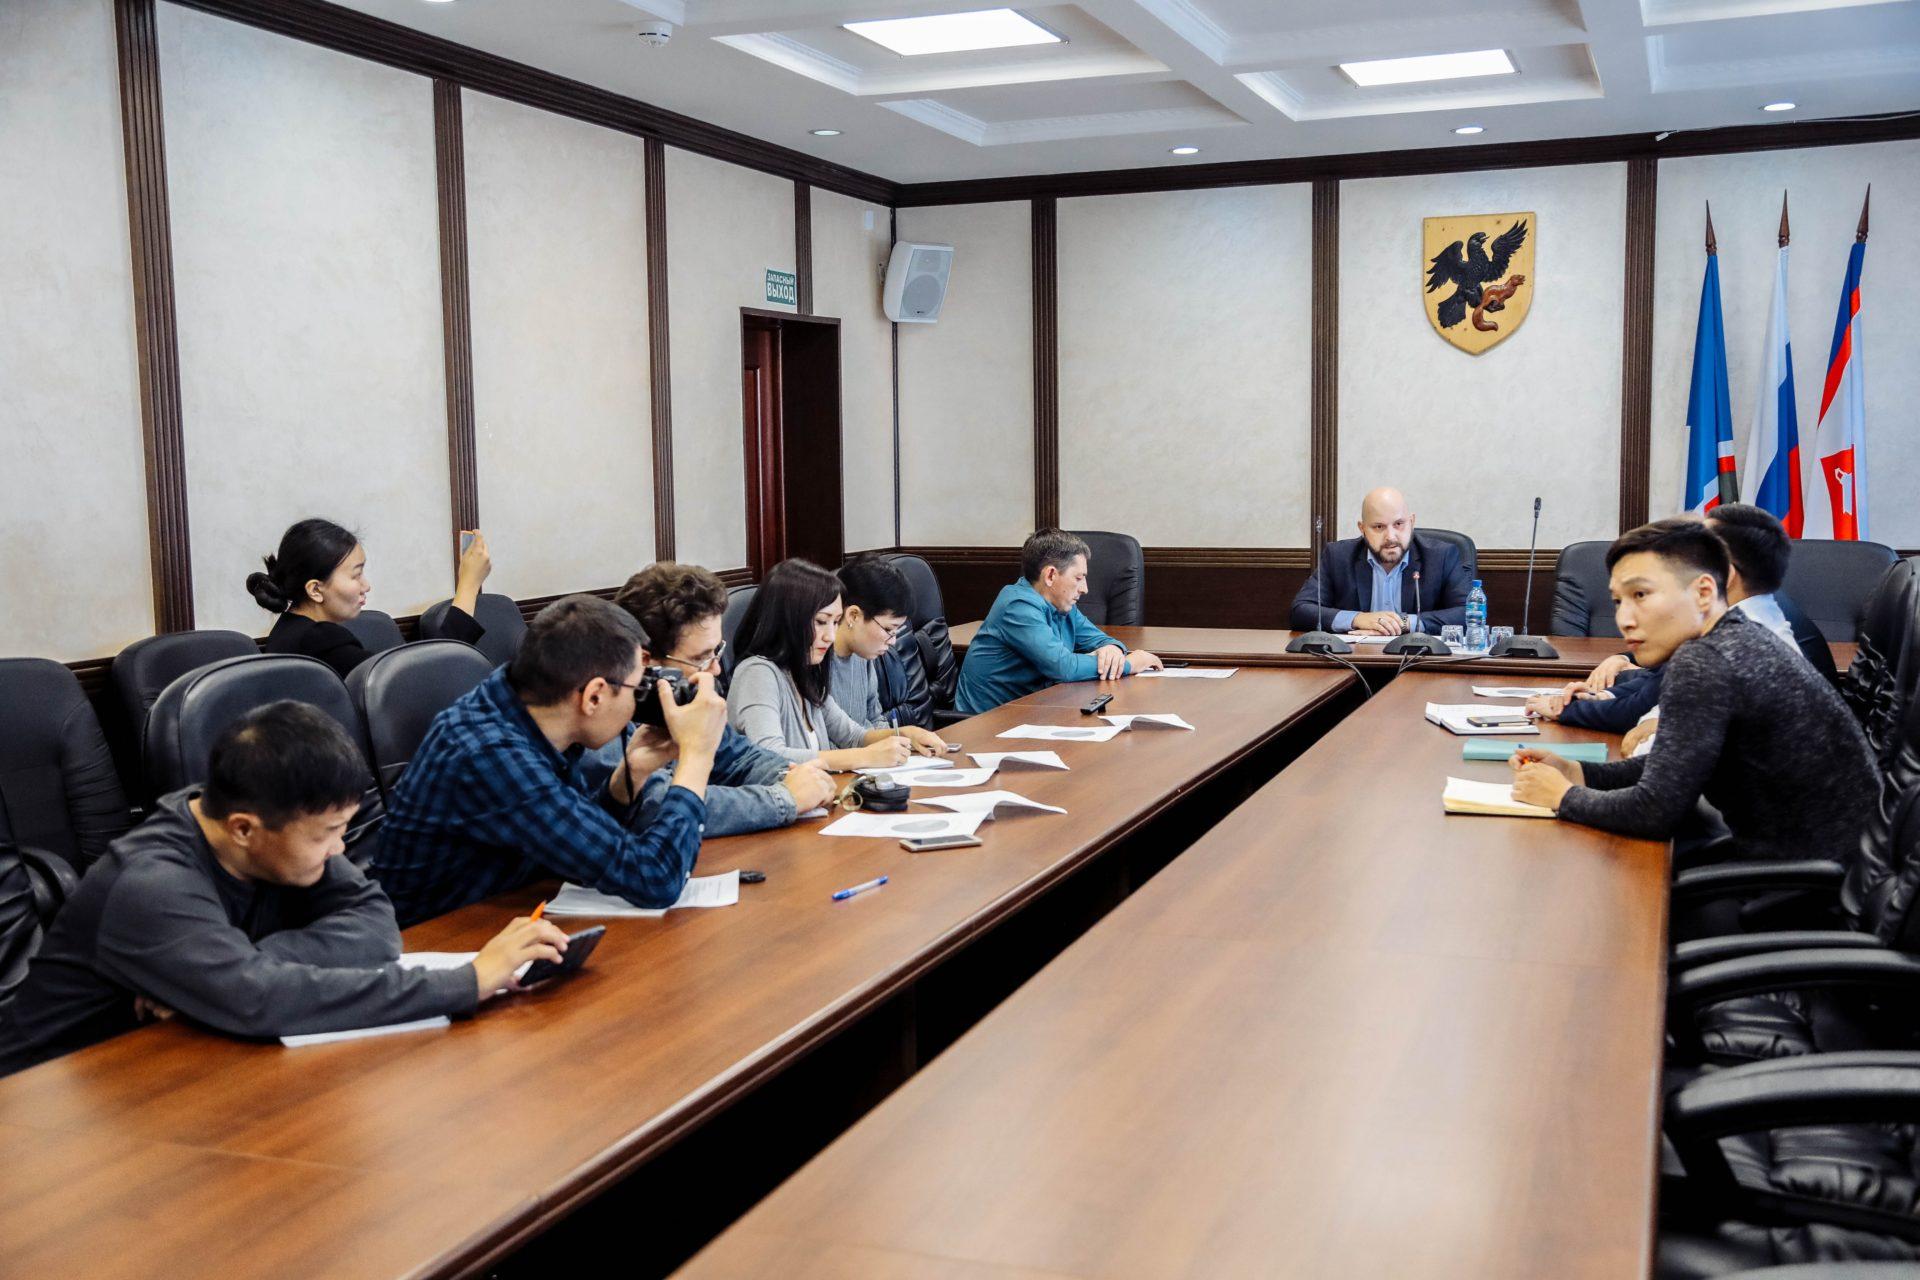 Администрация Якутска и частные автобусные перевозчики договорились о снижении тарифа при оплате за наличный расчет